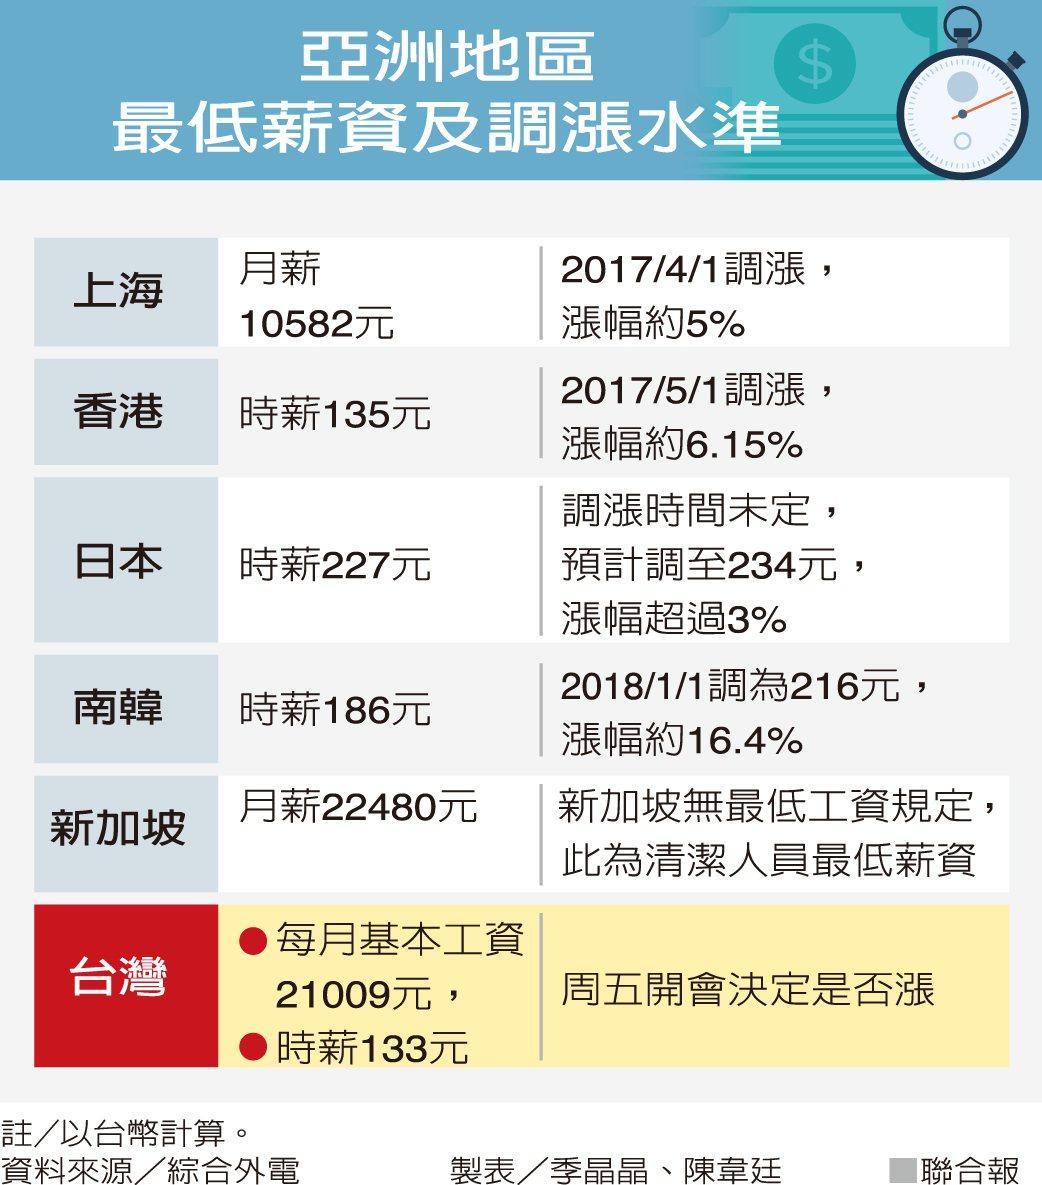 亞洲地區最低薪資及調漲水準 (聯合報)